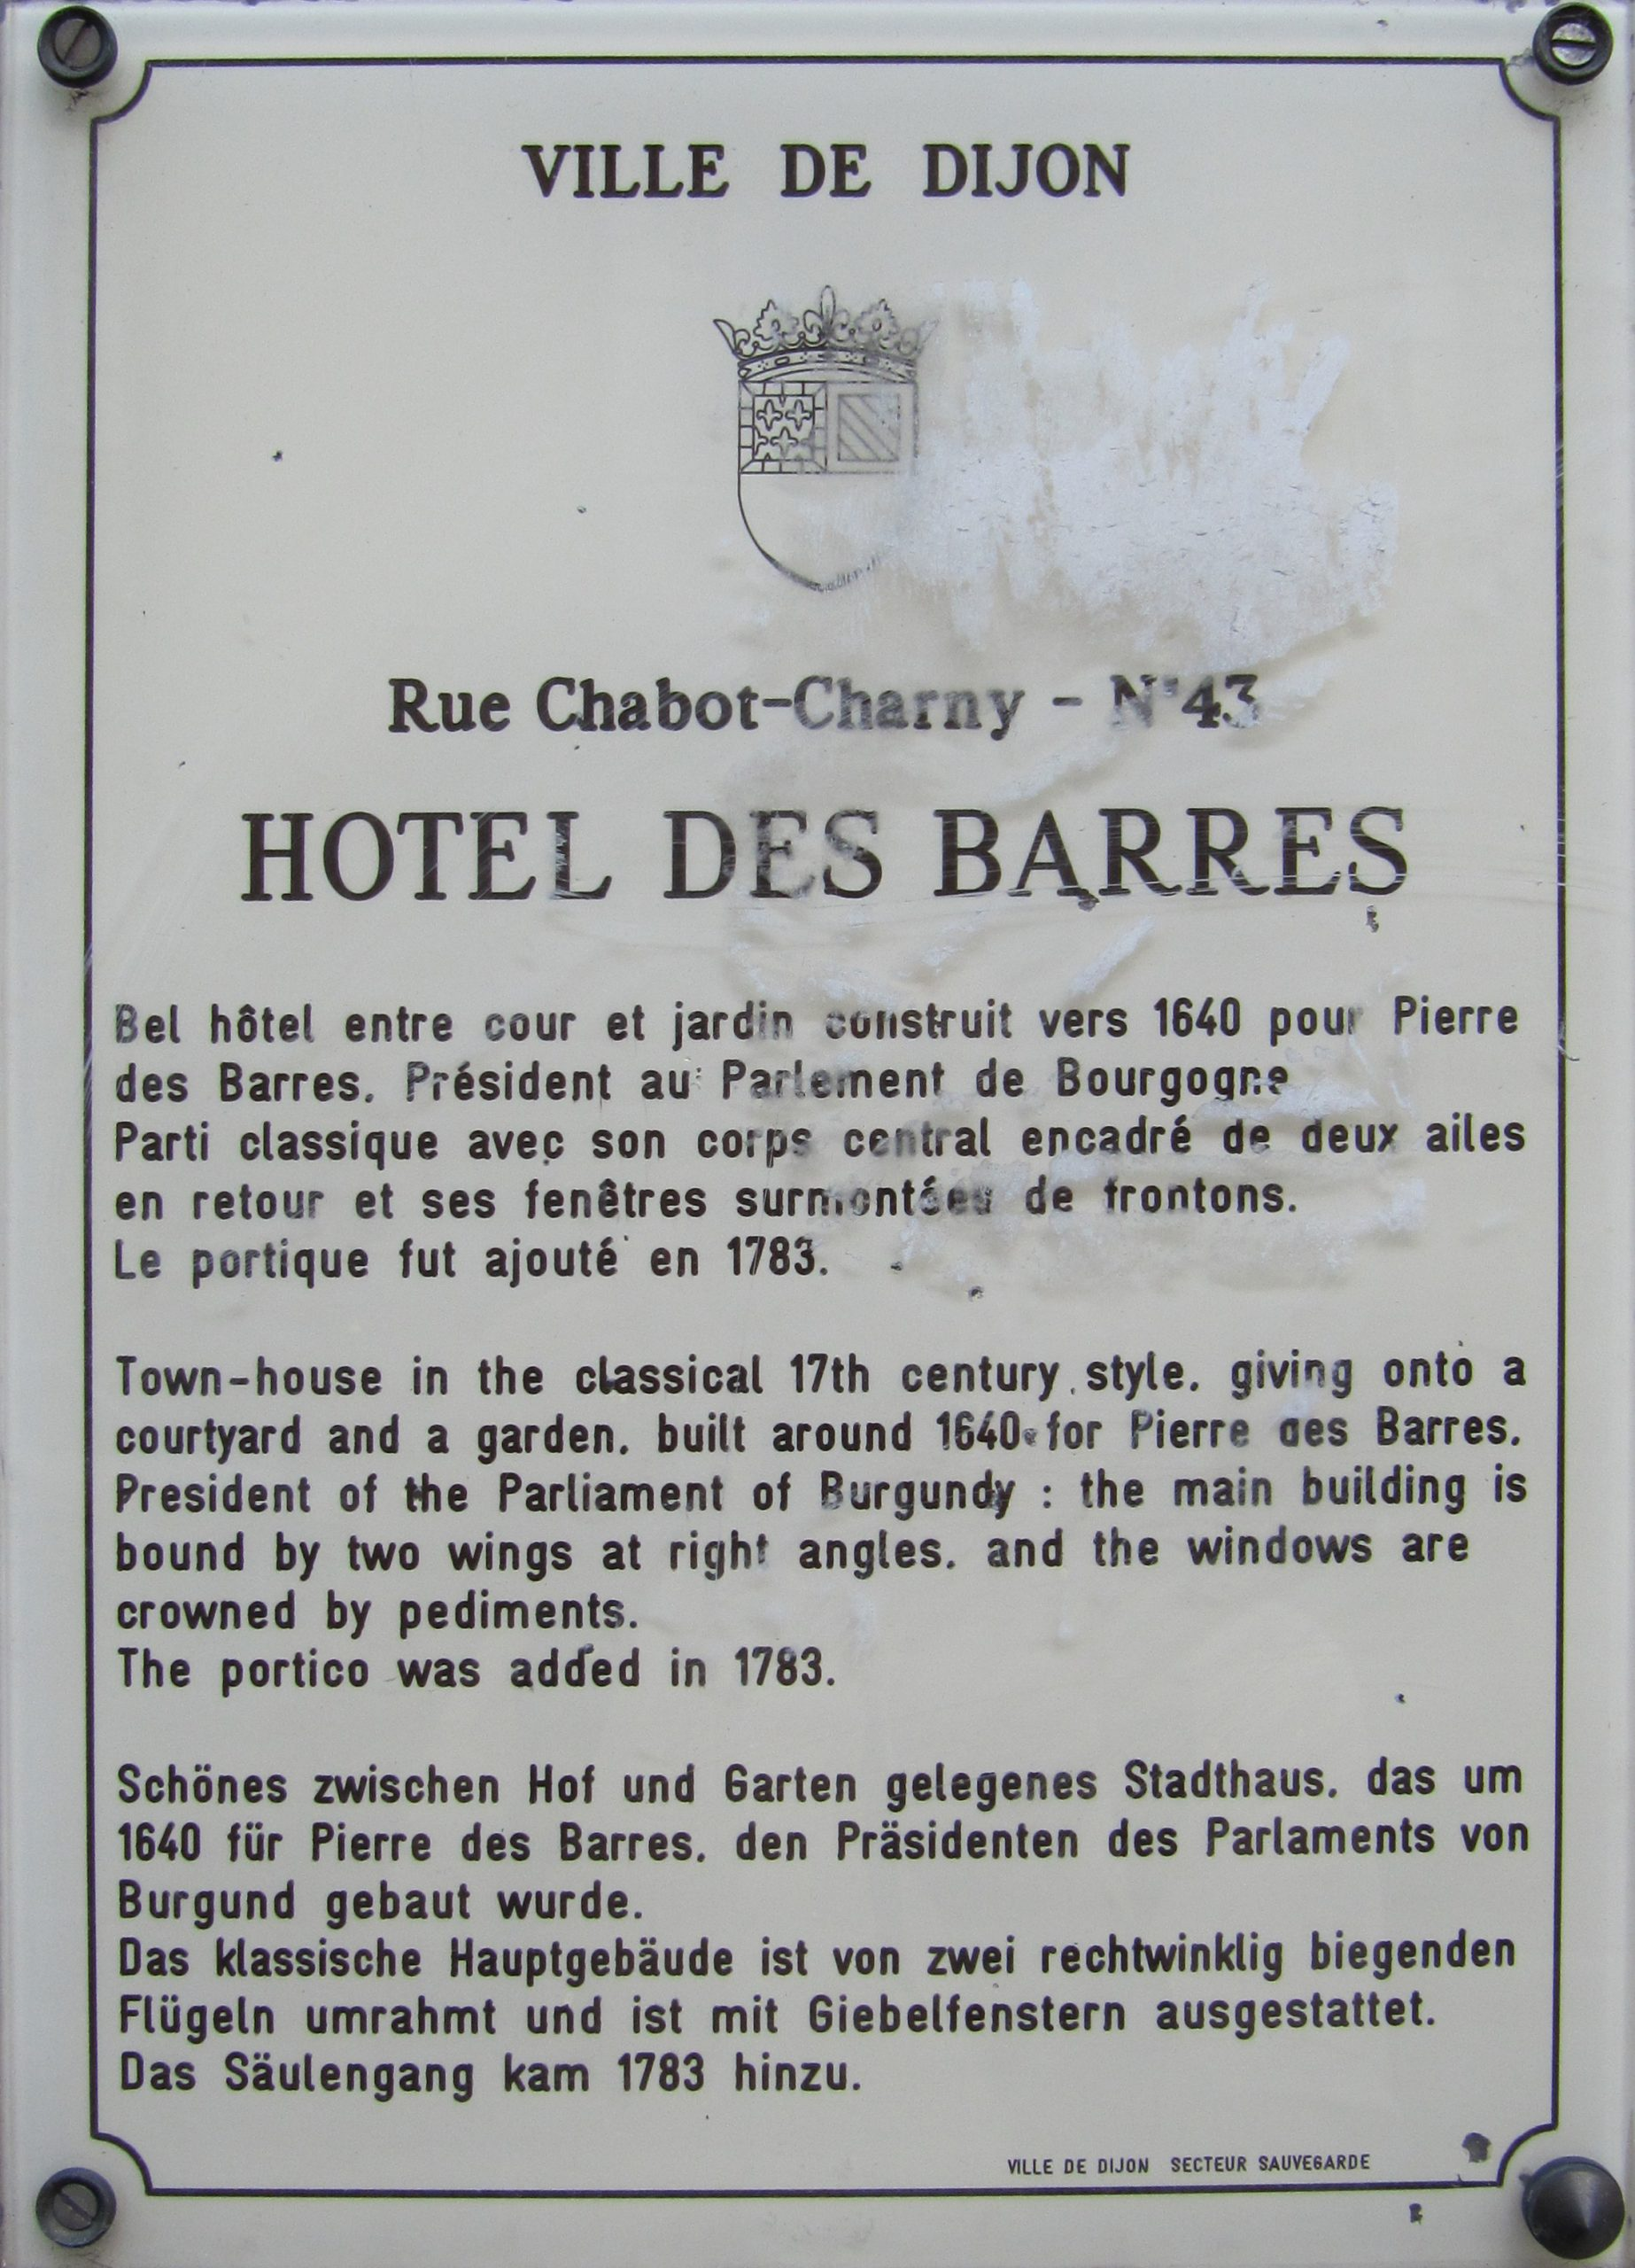 Entre Cours Et Jardin Charmant File Dijon Hotel Des Barres Plaque Information